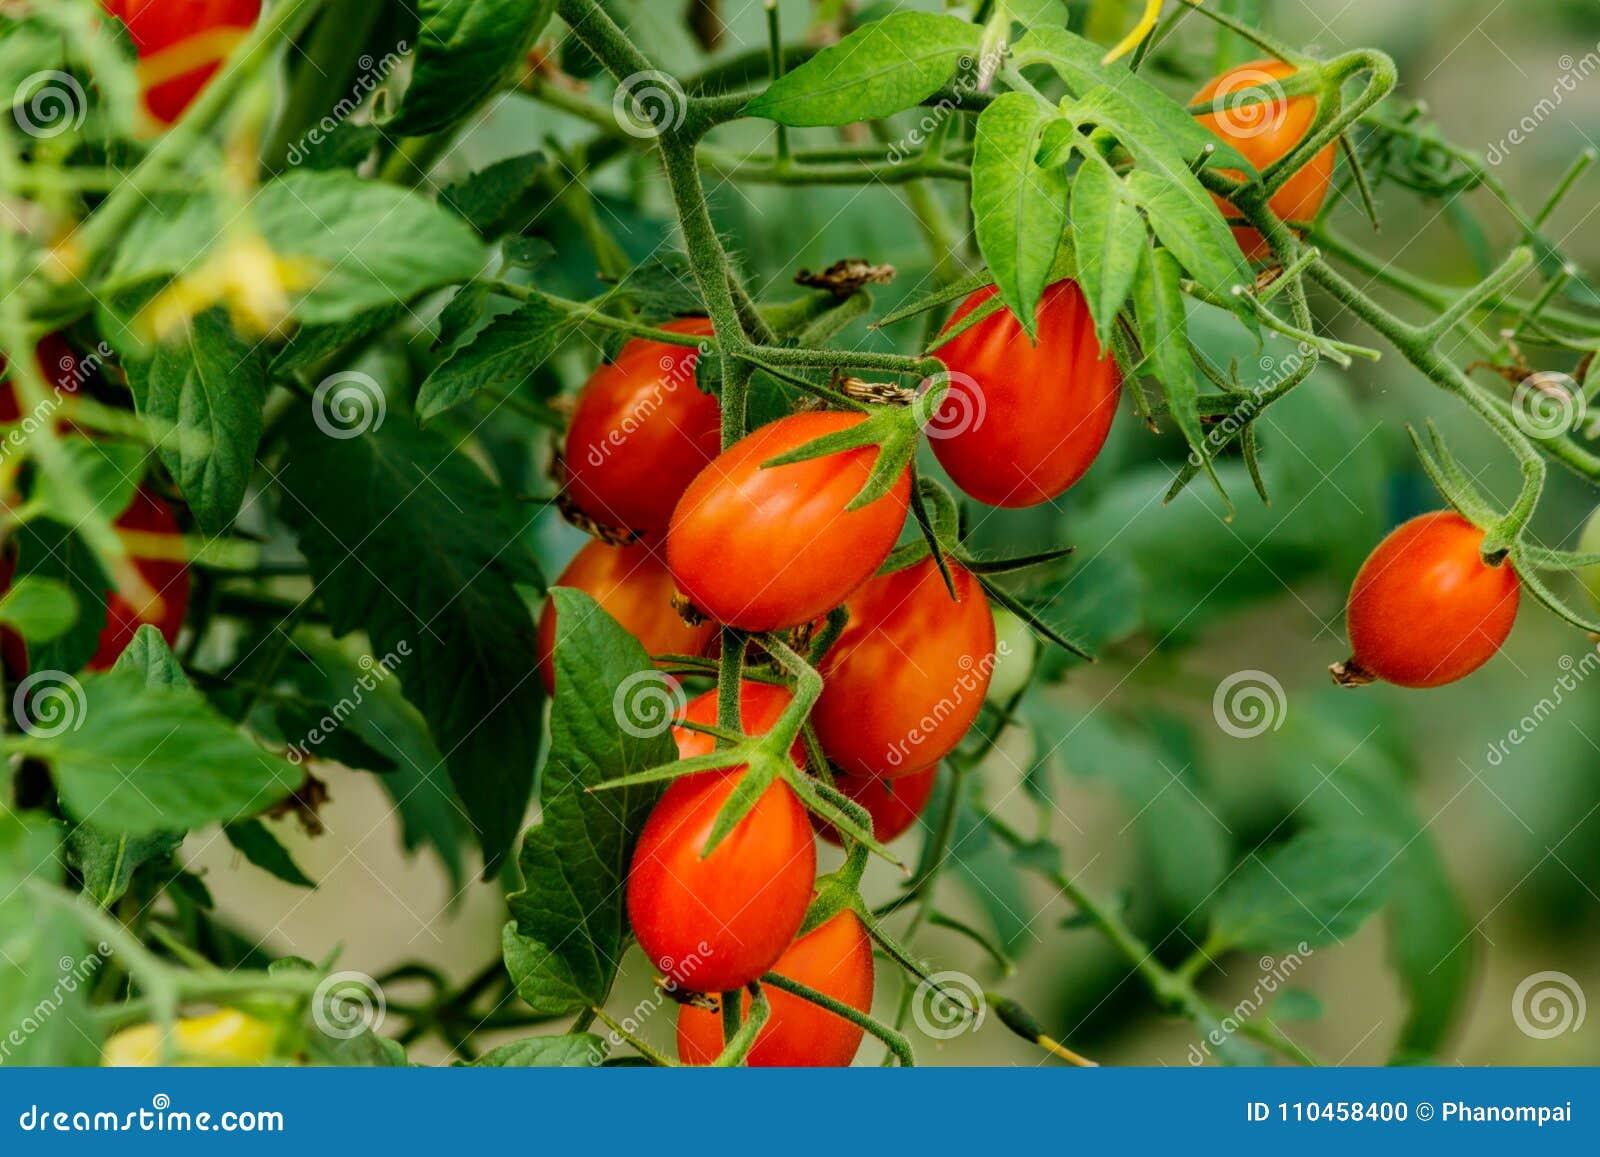 Ny körsbärsröd tomat på en filial i trädgården